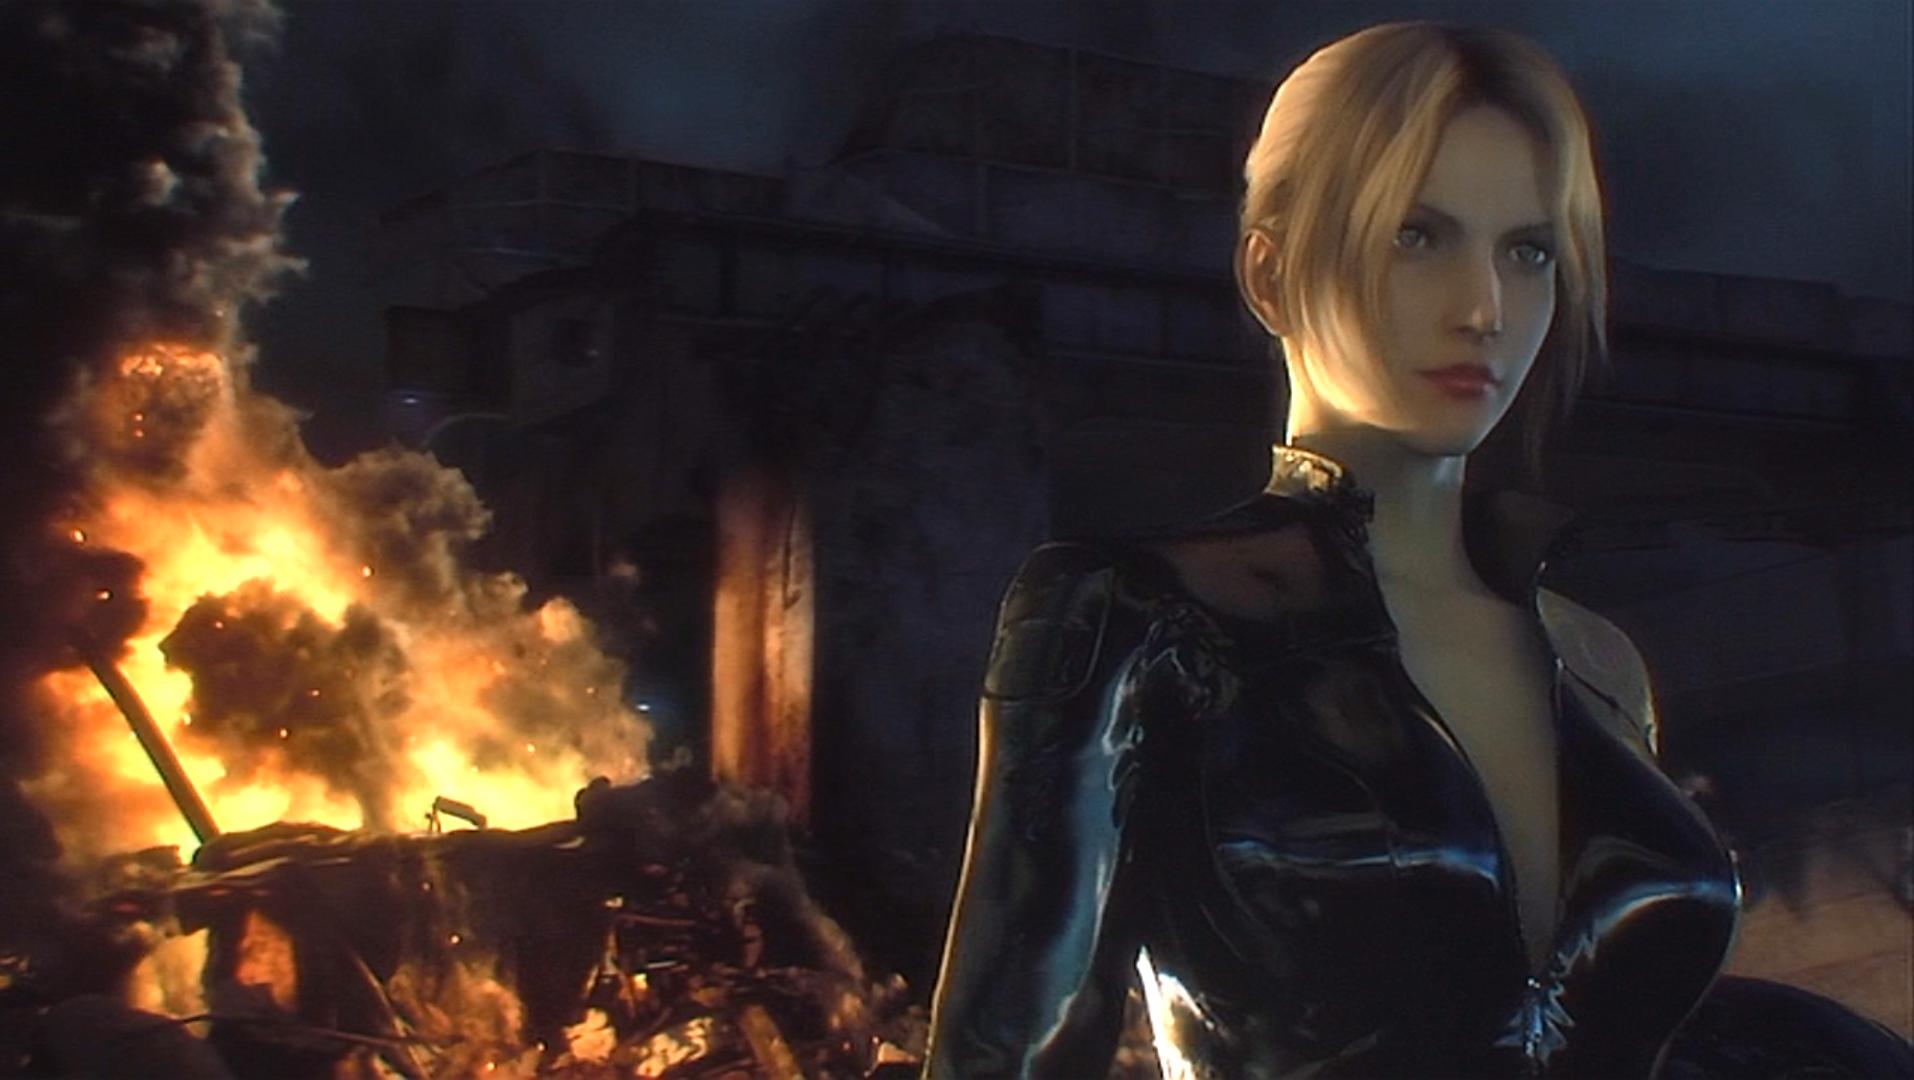 Tekken Blood Vengeance 3d Movie Tekken Photo 31855421 Fanpop